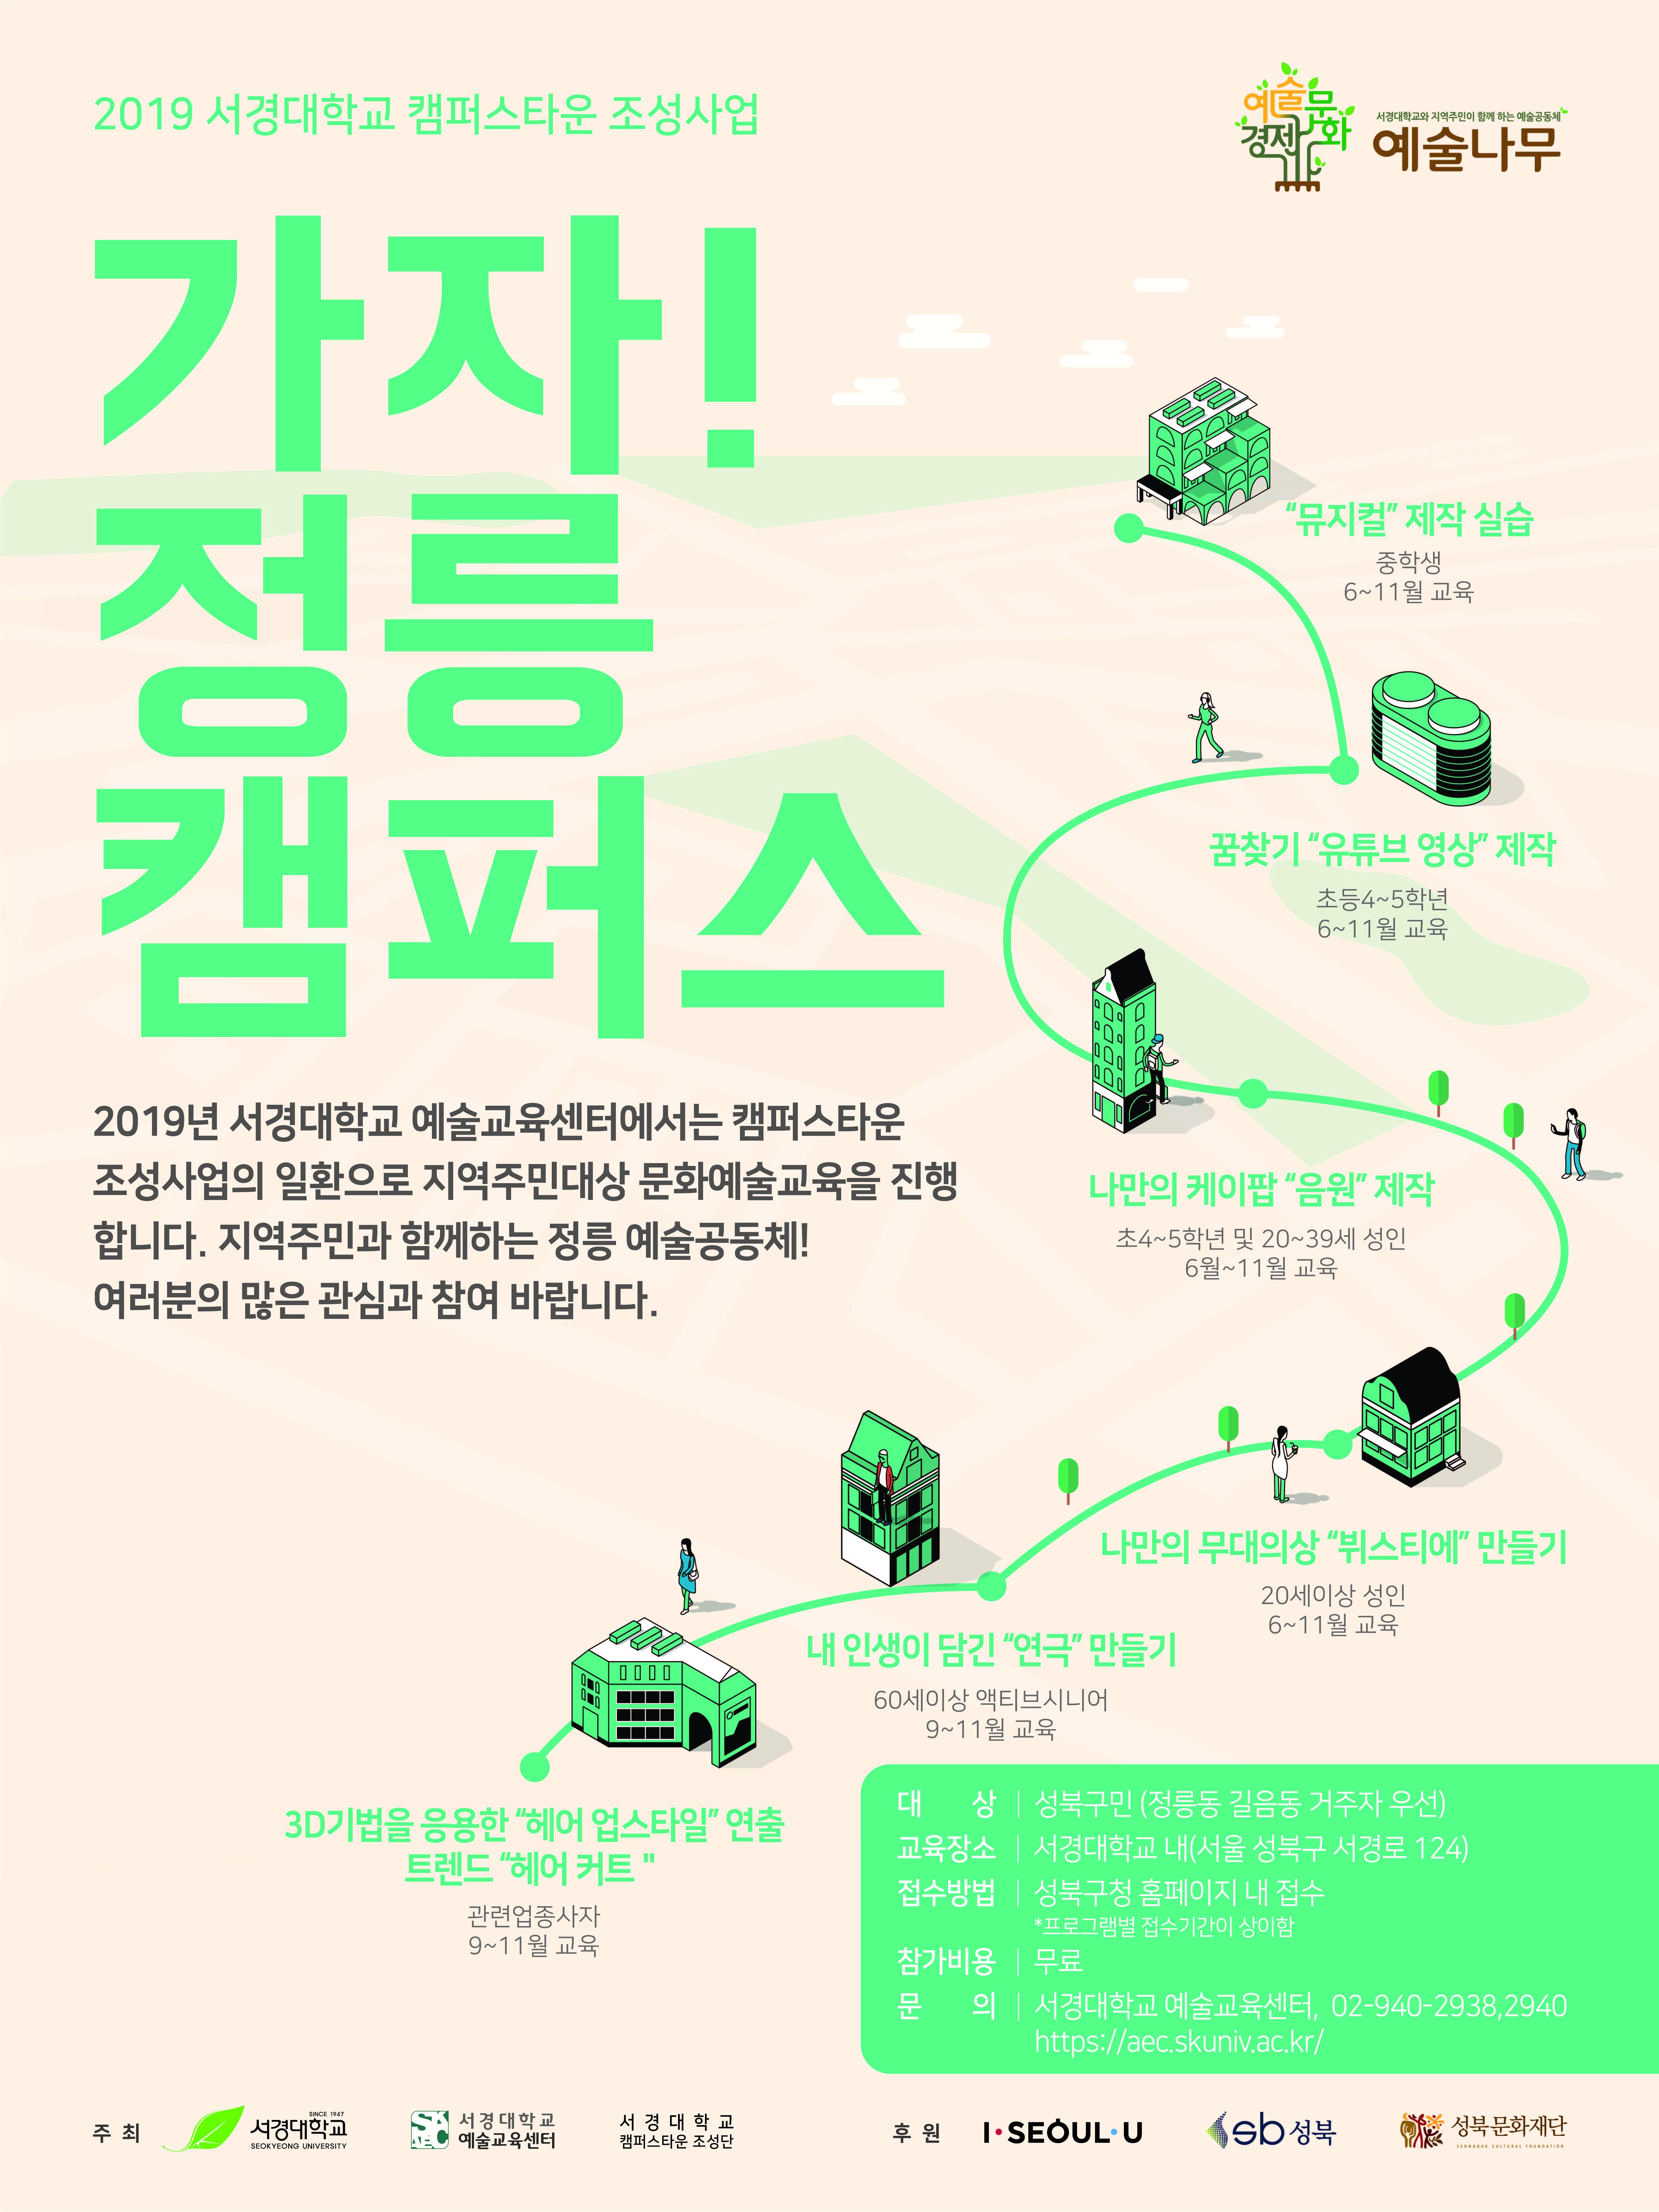 예술나무포스터(가자정릉캠퍼스)-최종.jpg